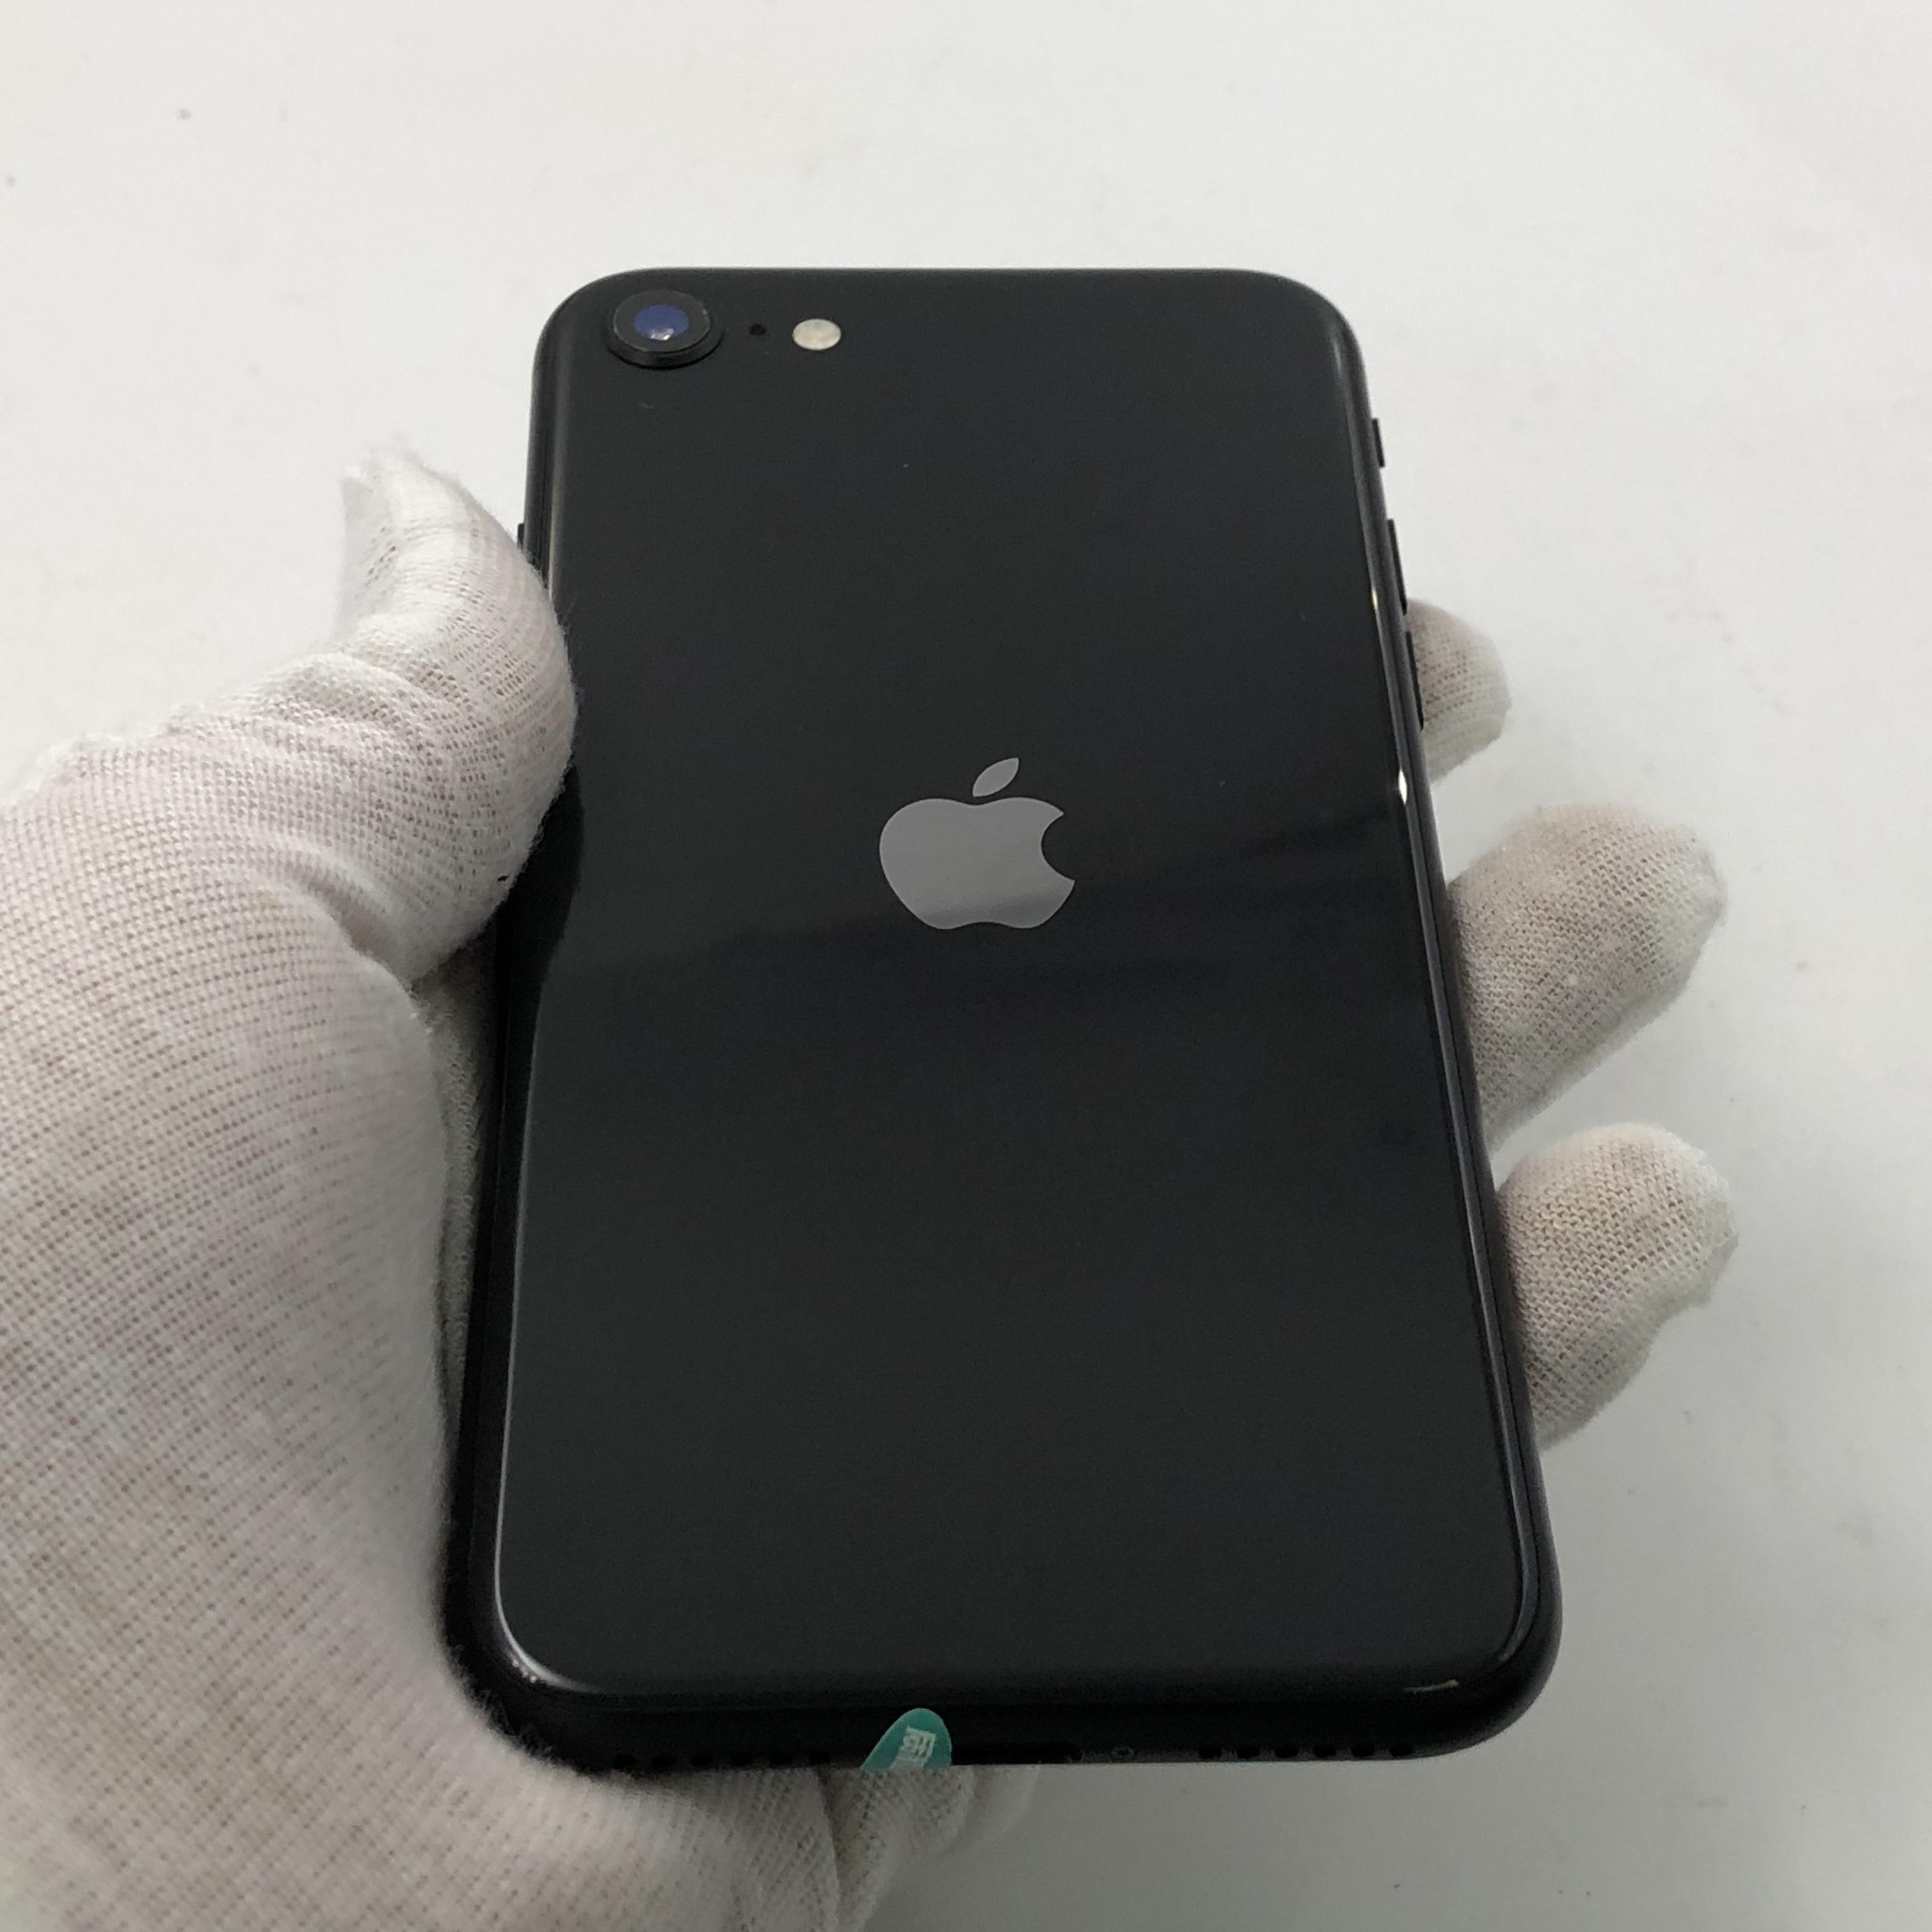 苹果【iPhone SE2】全网通 黑色 256G 国行 99新